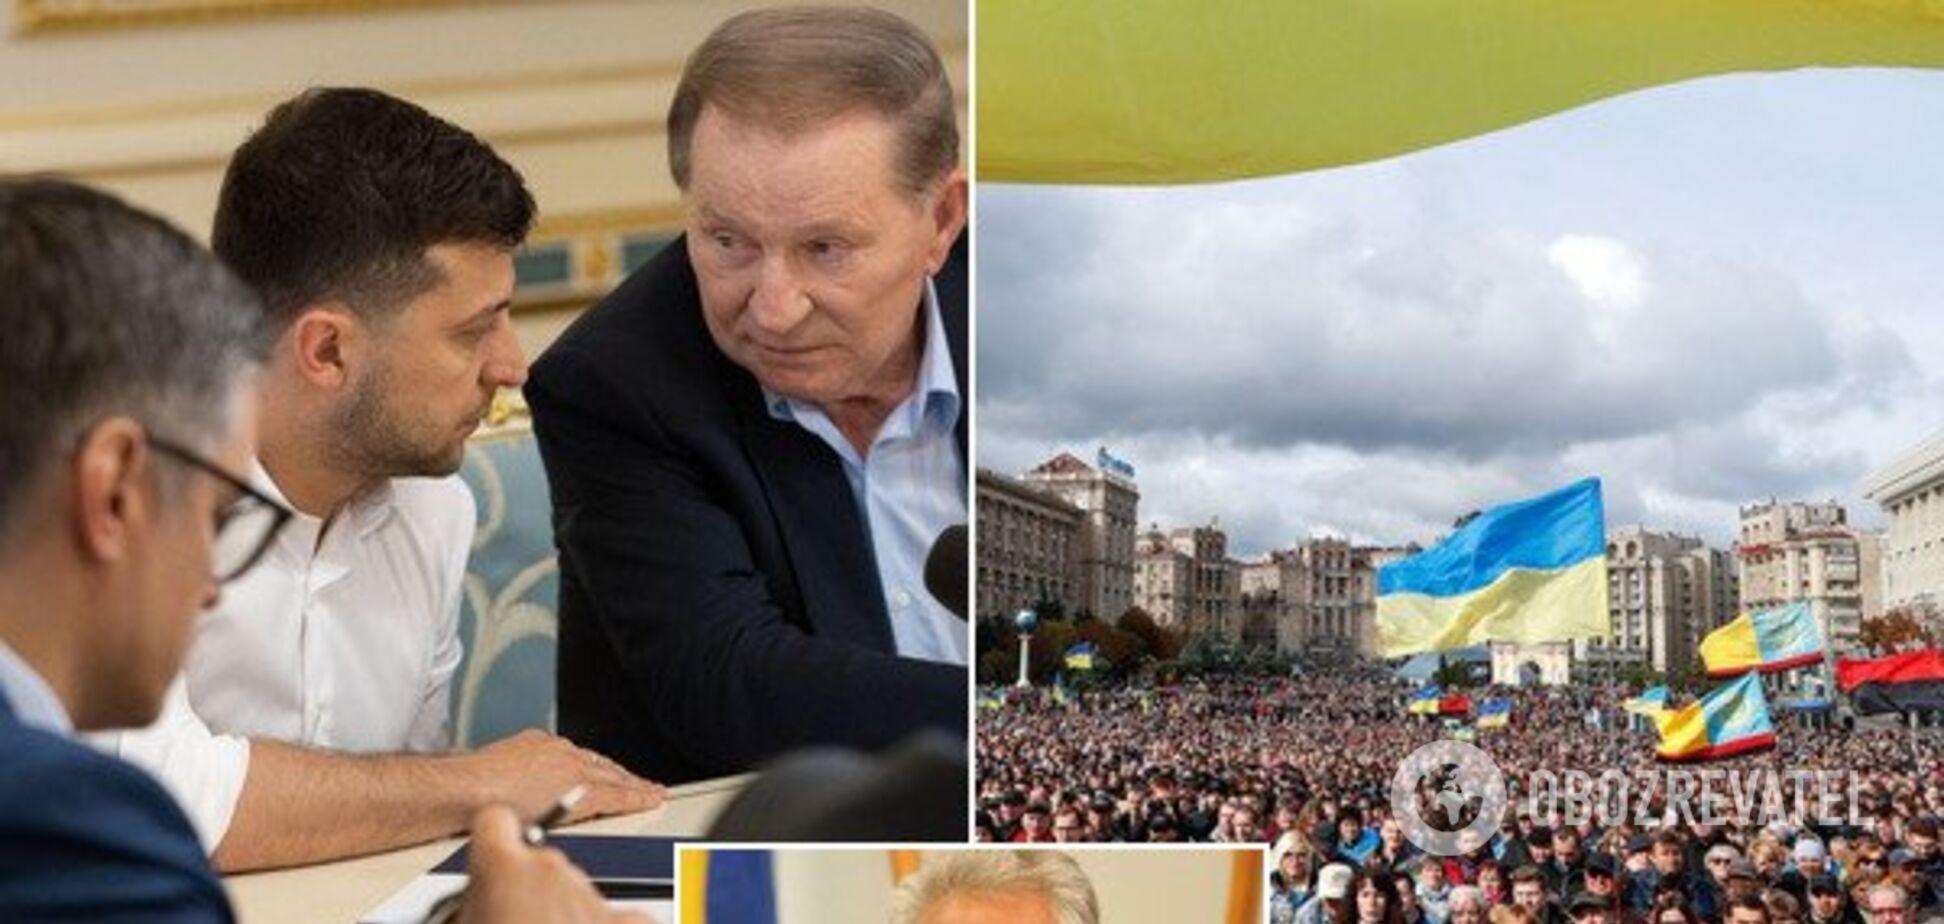 Живемо за принципом 'якось воно буде': Жебрівський про курс України і мир на Донбасі